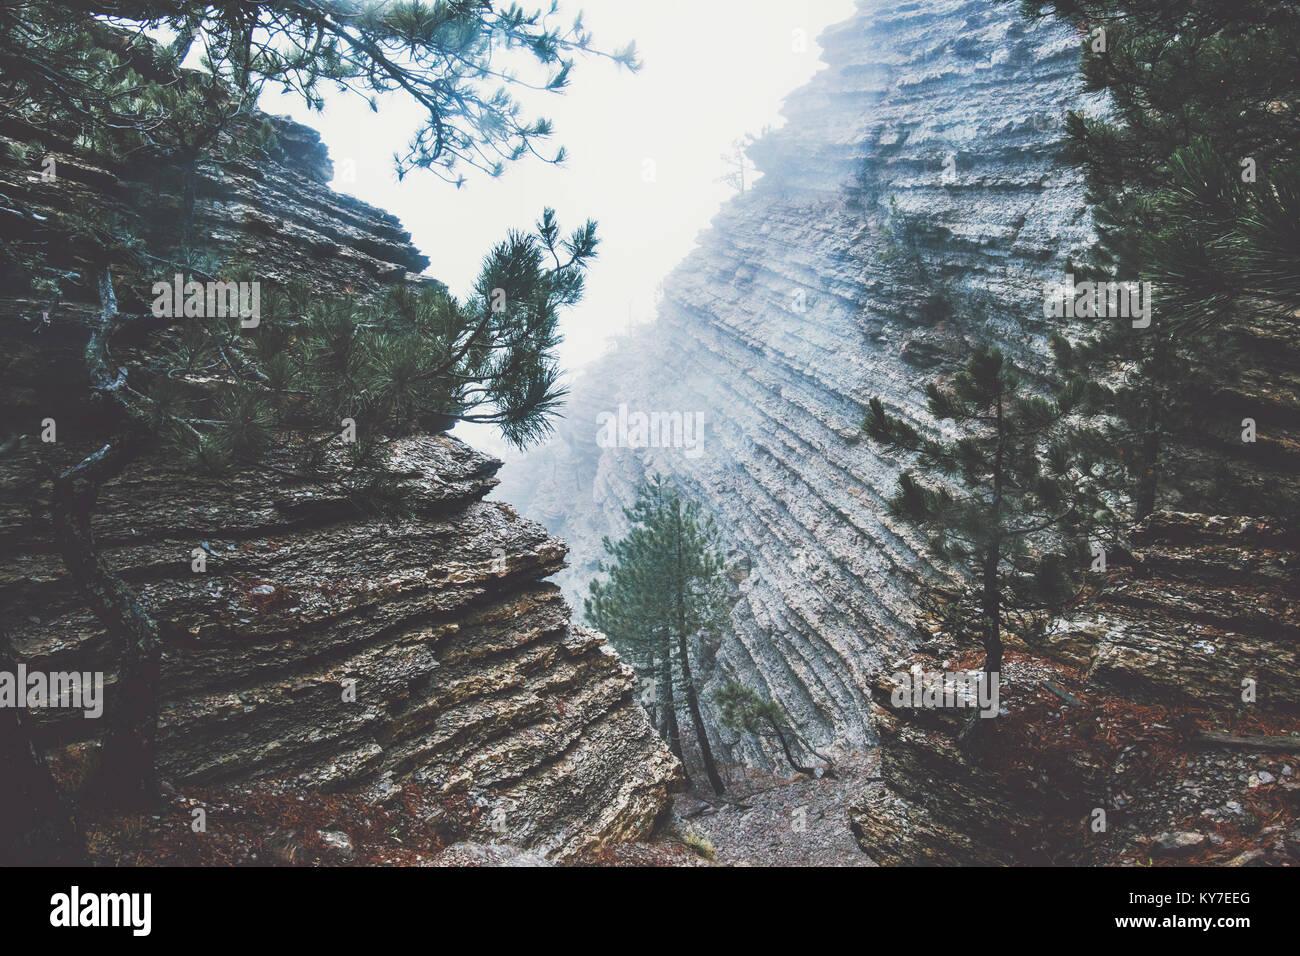 Rochers dans la forêt de brouillard vue panoramique du paysage paysage serein Voyage jour de pluie Photo Stock